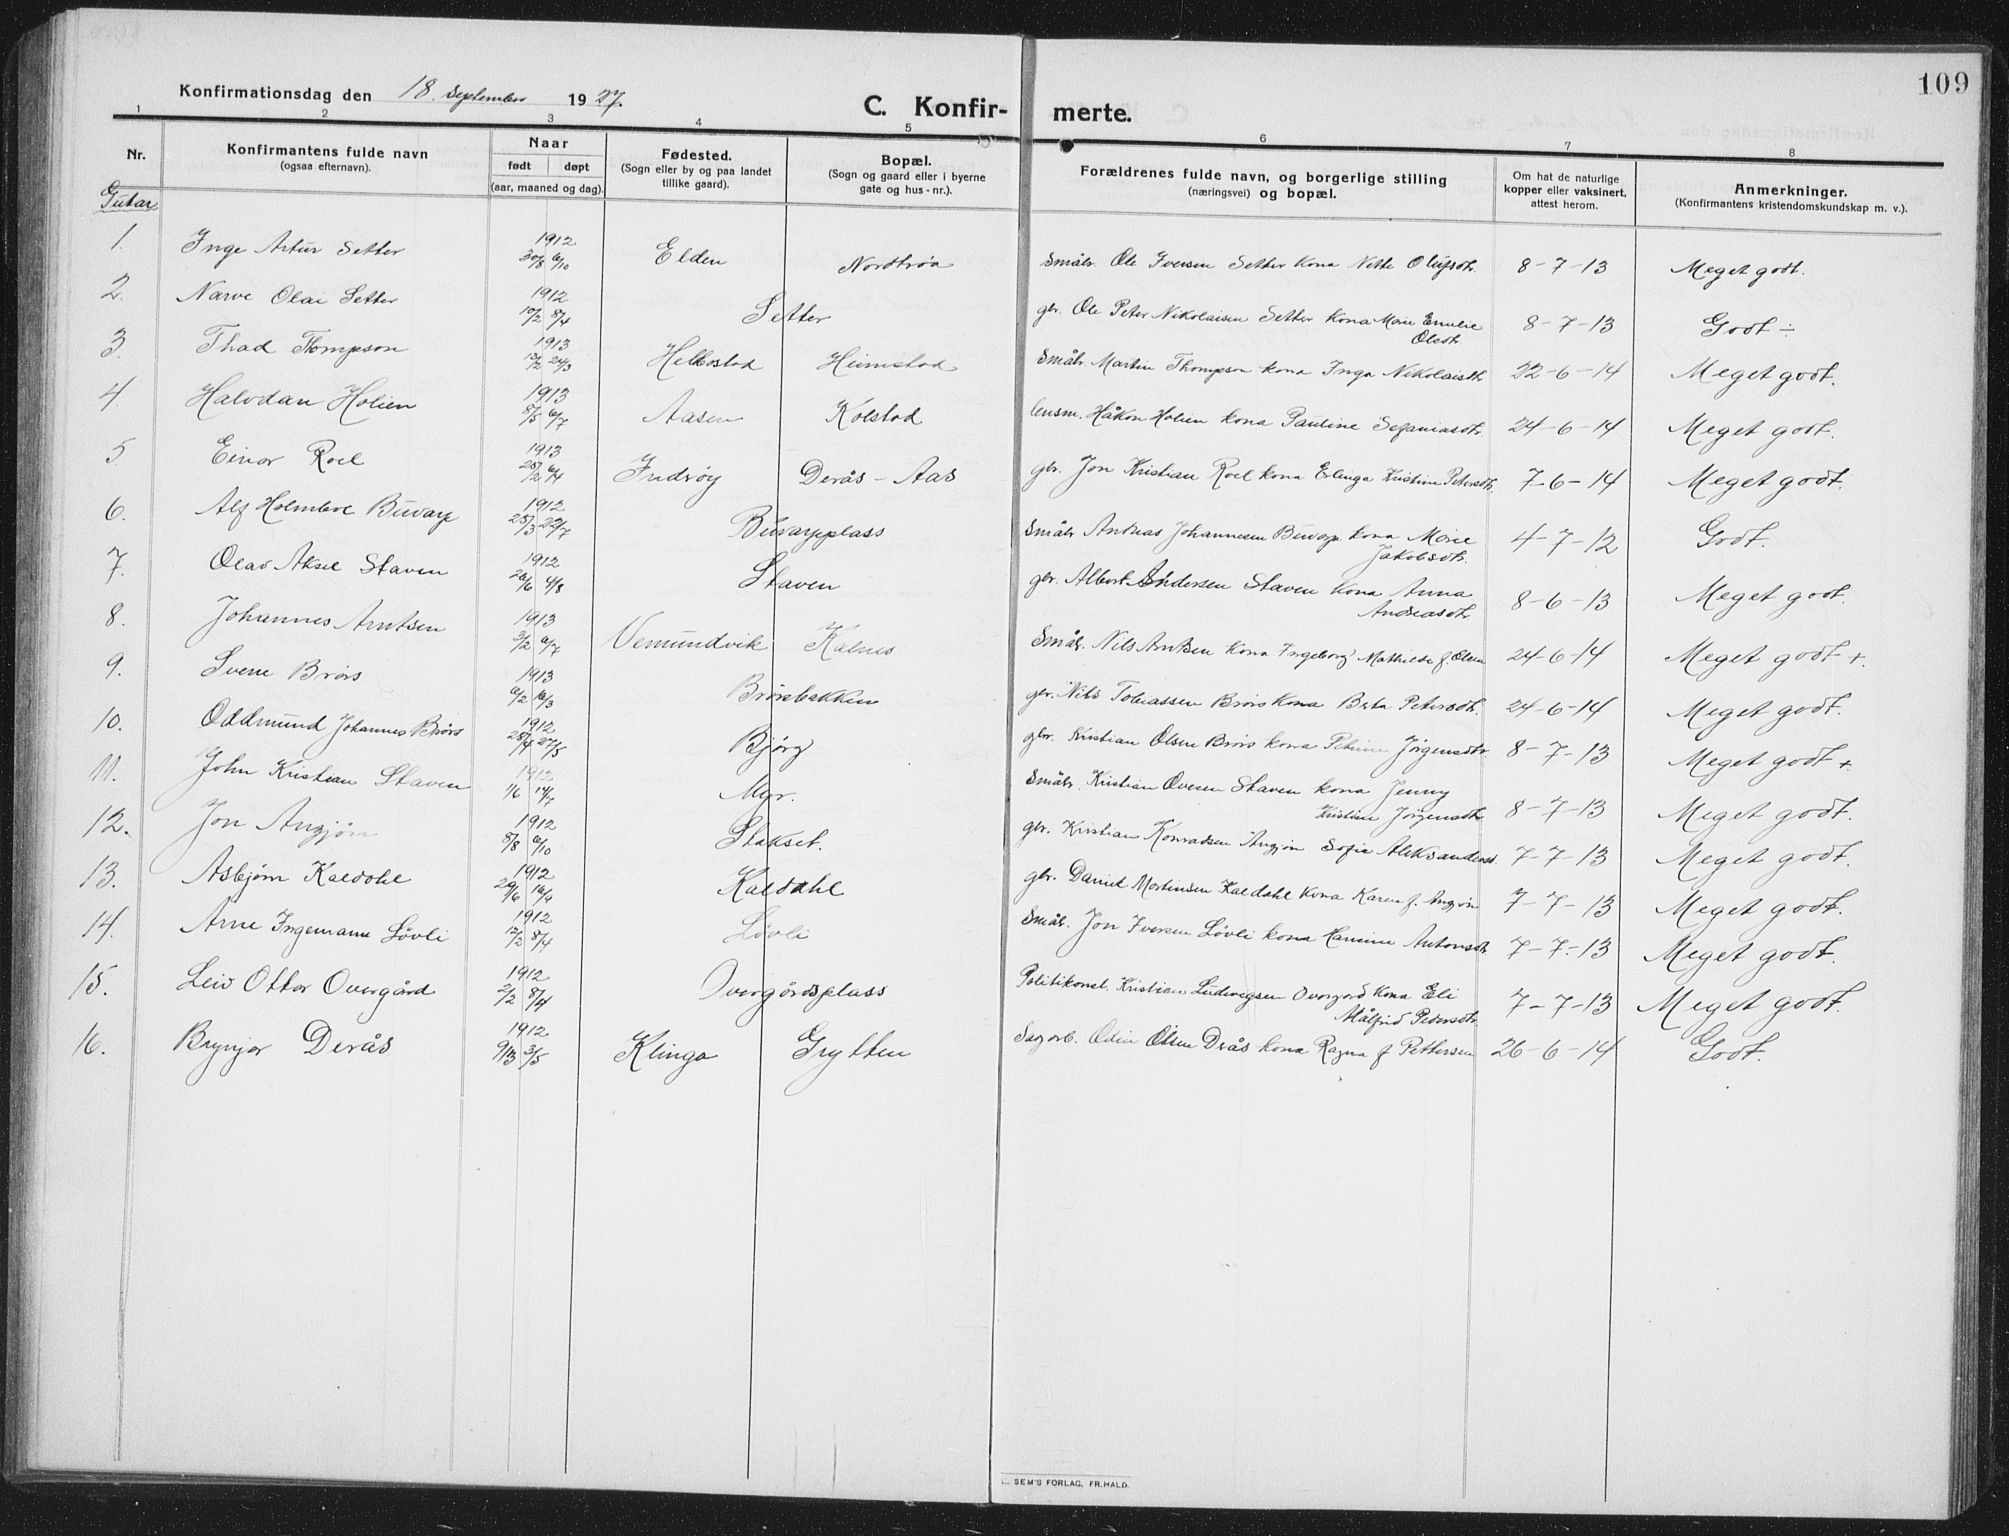 SAT, Ministerialprotokoller, klokkerbøker og fødselsregistre - Nord-Trøndelag, 742/L0413: Klokkerbok nr. 742C04, 1911-1938, s. 109